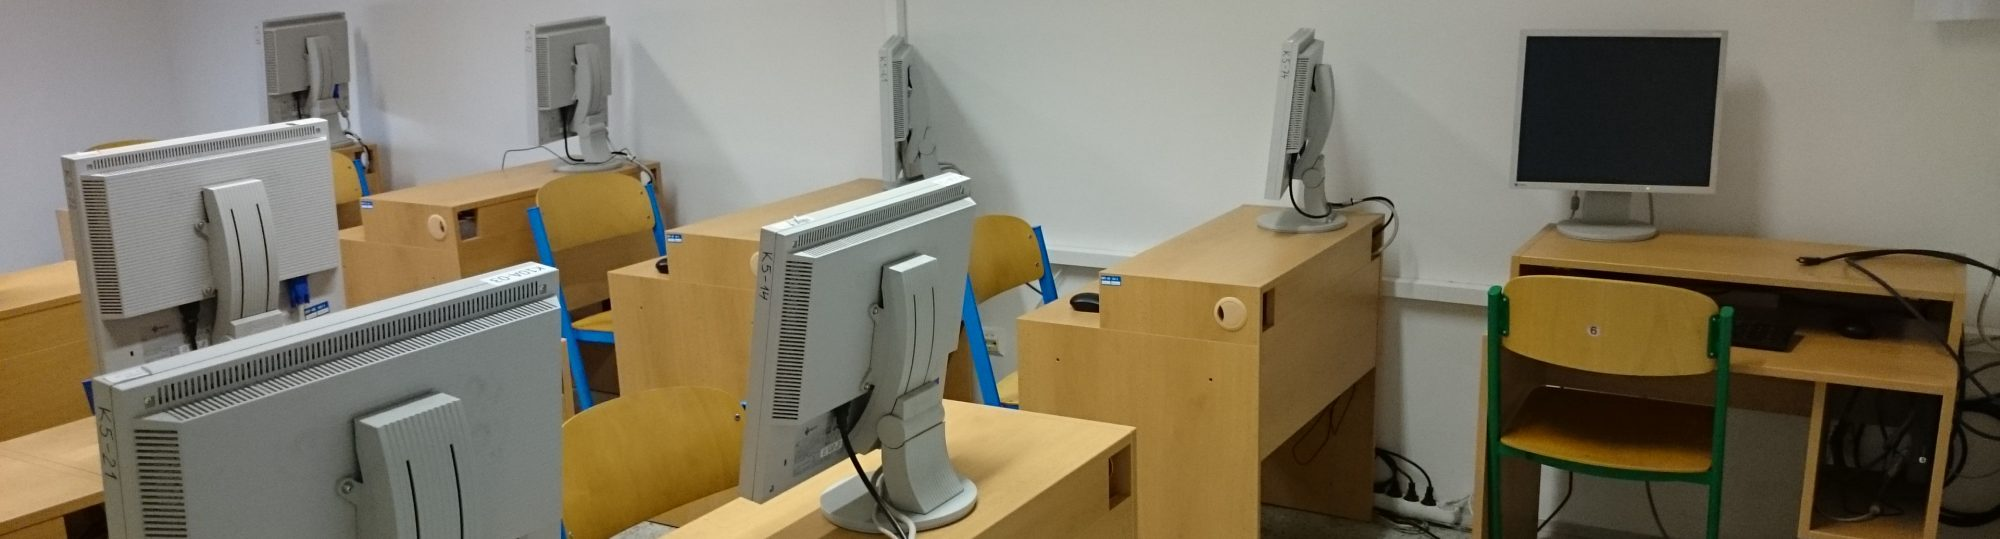 Počítačové laboratoře a učebny Matematické sekce MFF UK